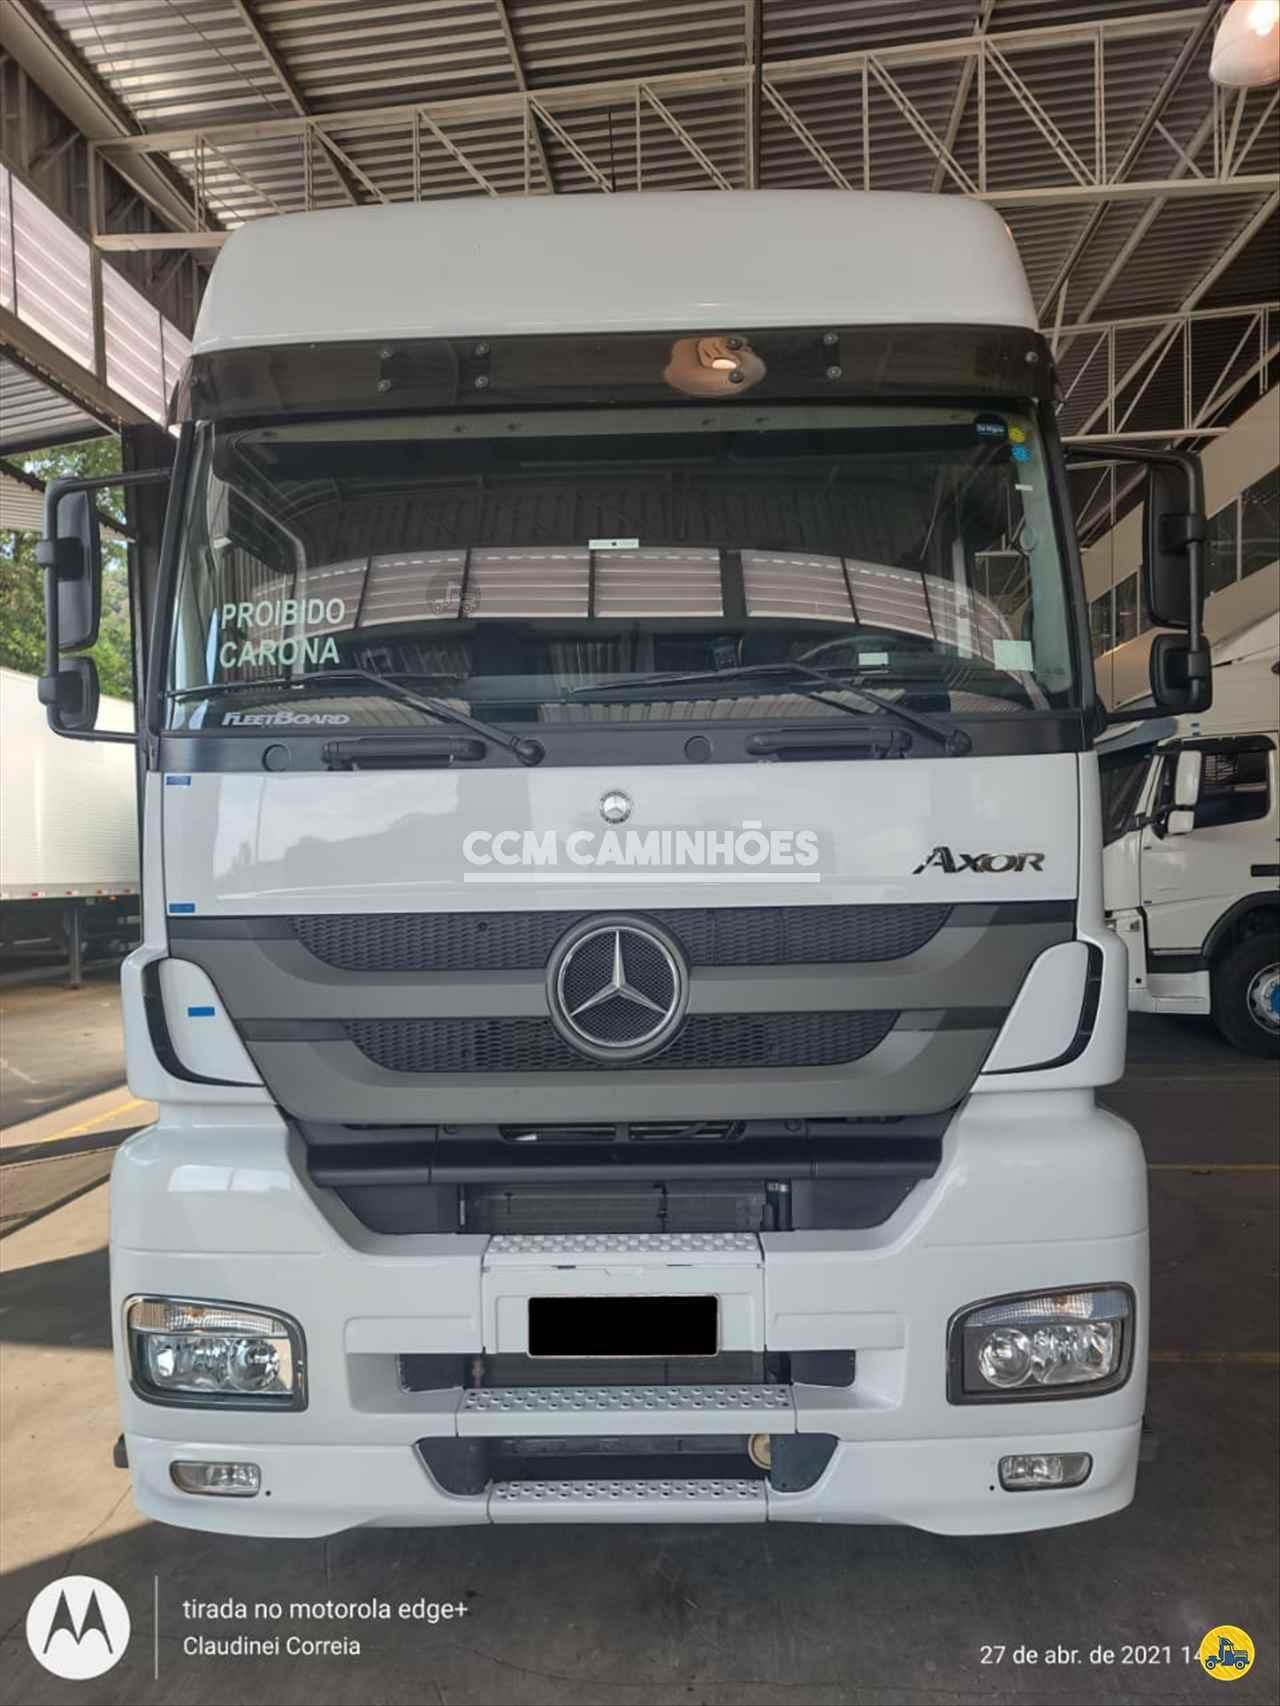 CAMINHAO MERCEDES-BENZ MB 2544 Cavalo Mecânico Truck 6x2 CCM Caminhões GOIANIA GOIAS GO